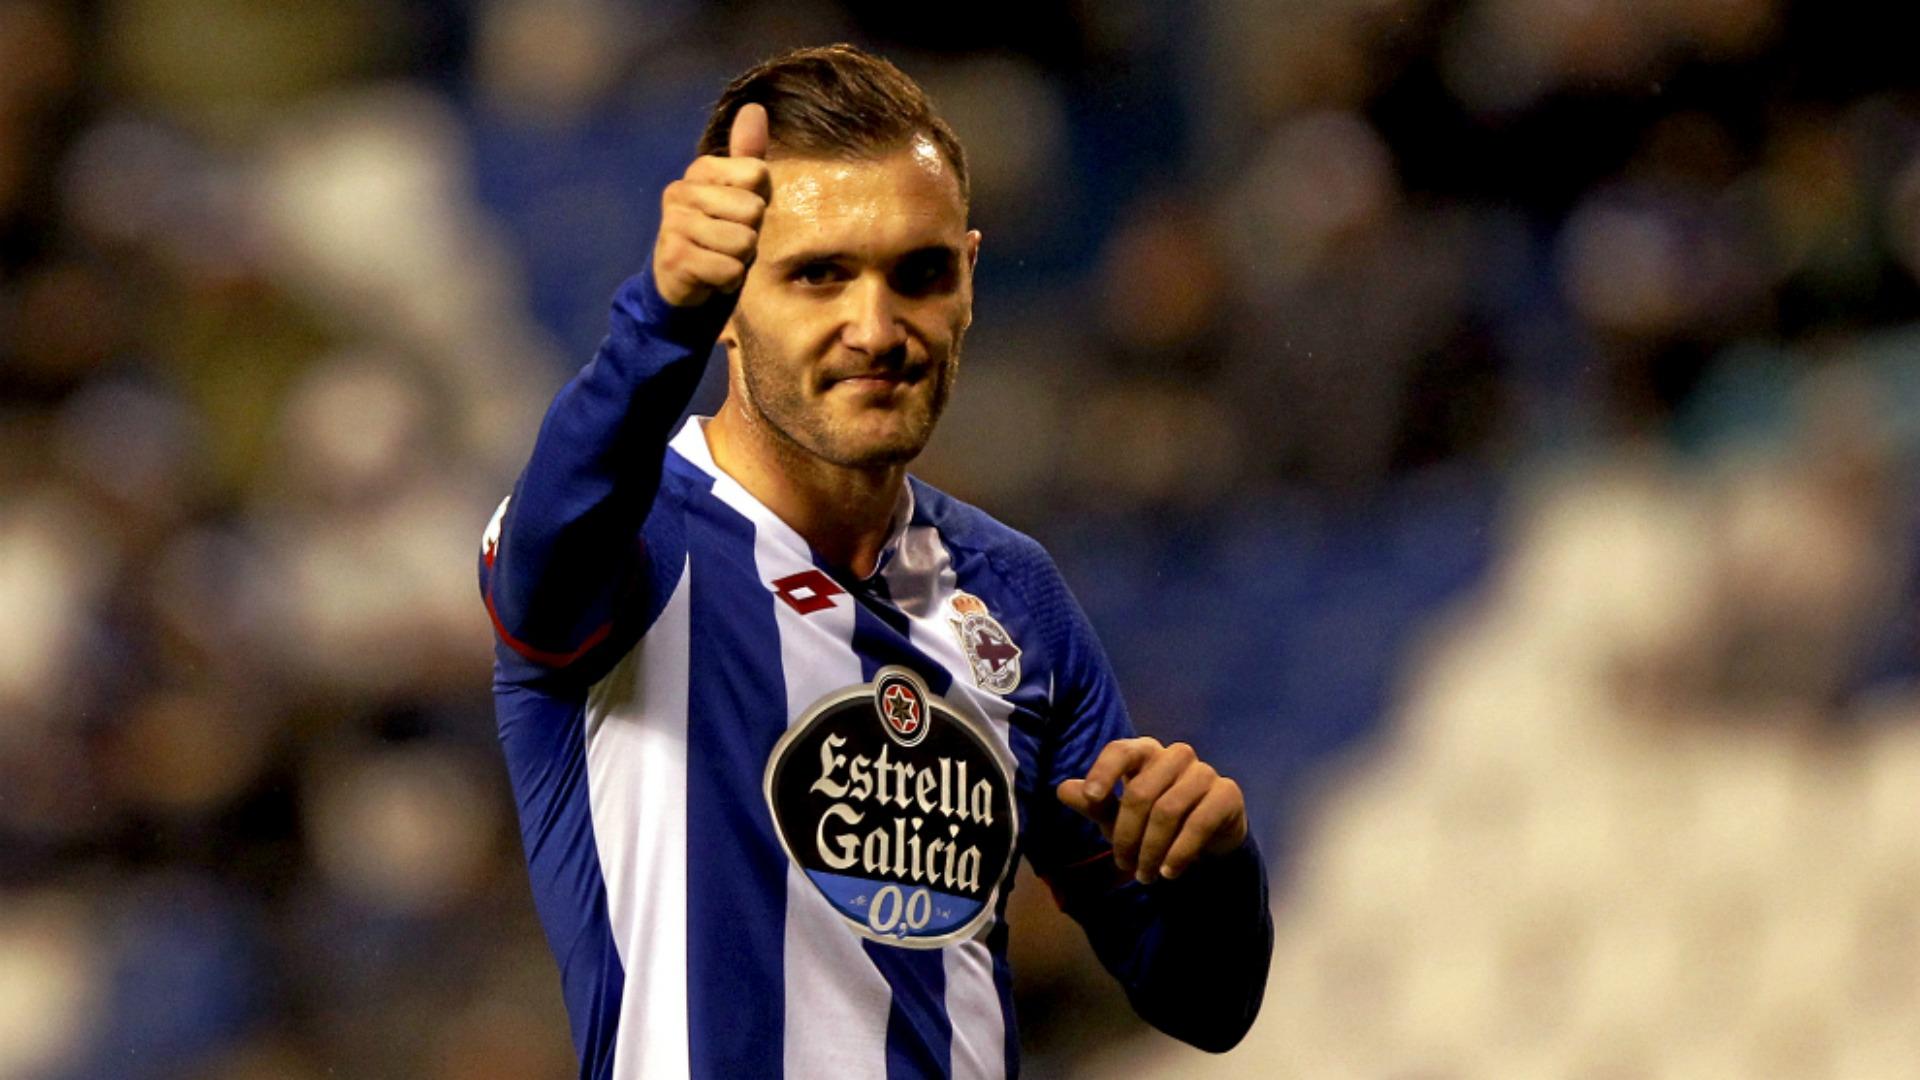 Lucas Pérez, Deportivo La Coruña